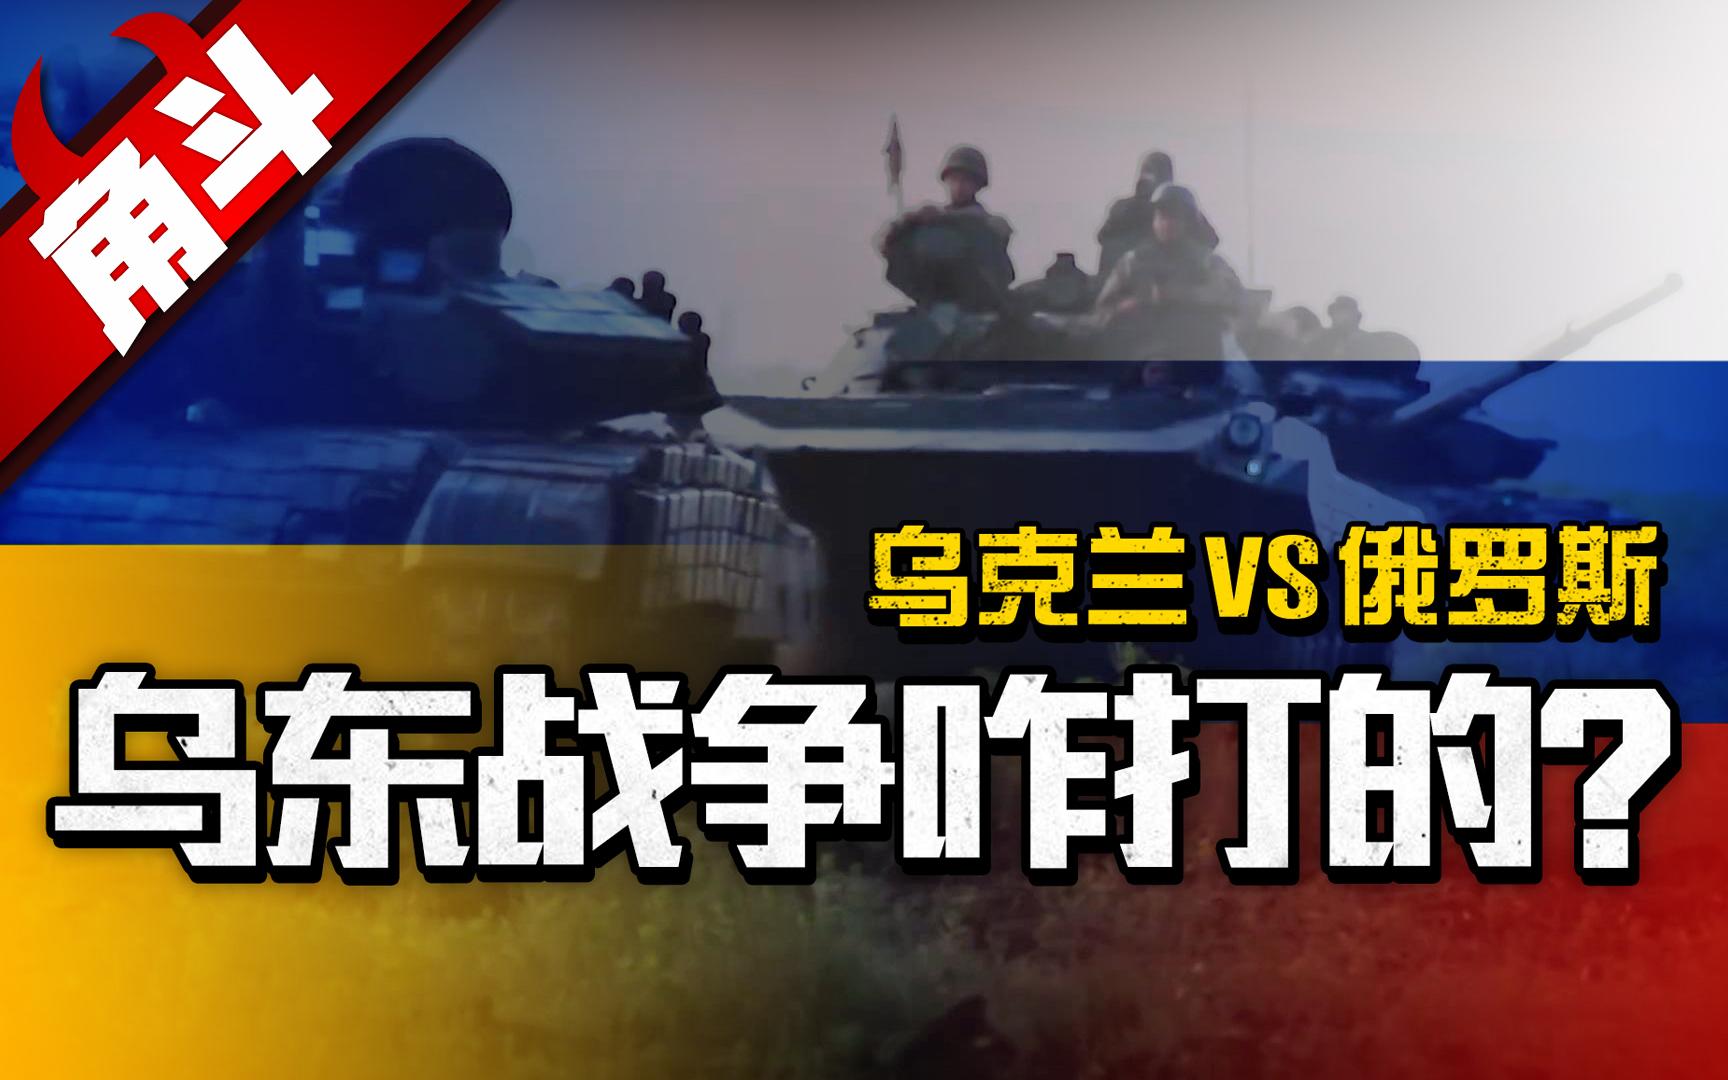 【大国角斗】俄乌冤仇录 乌东战争咋打的?(乌克兰vs俄罗斯)